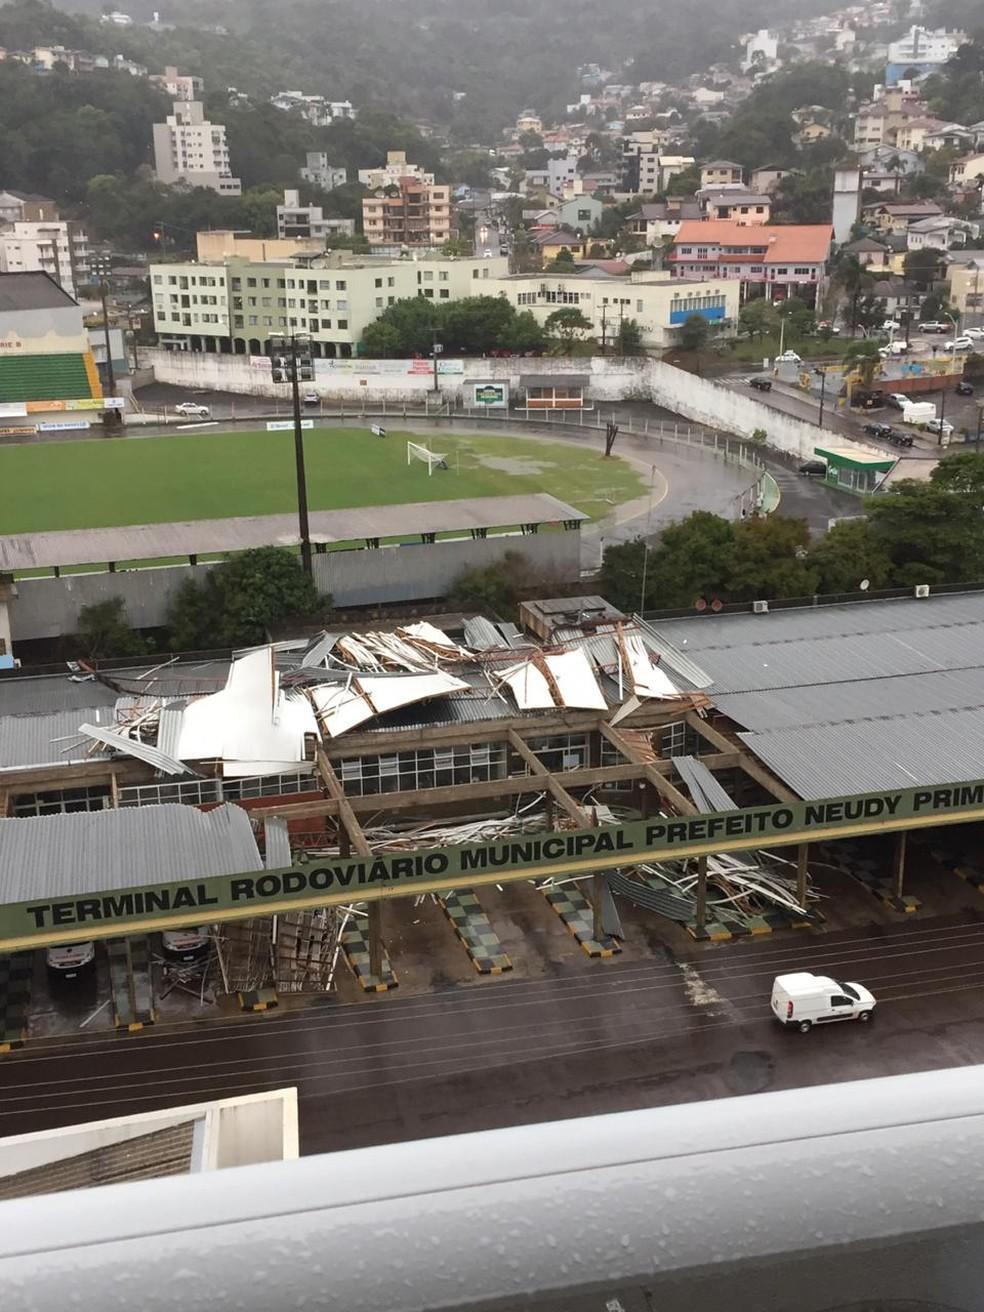 Terminal rodoviário em Concórdia foi danificado em temporal — Foto: Prefeitura de Concórdia/ Divulgação